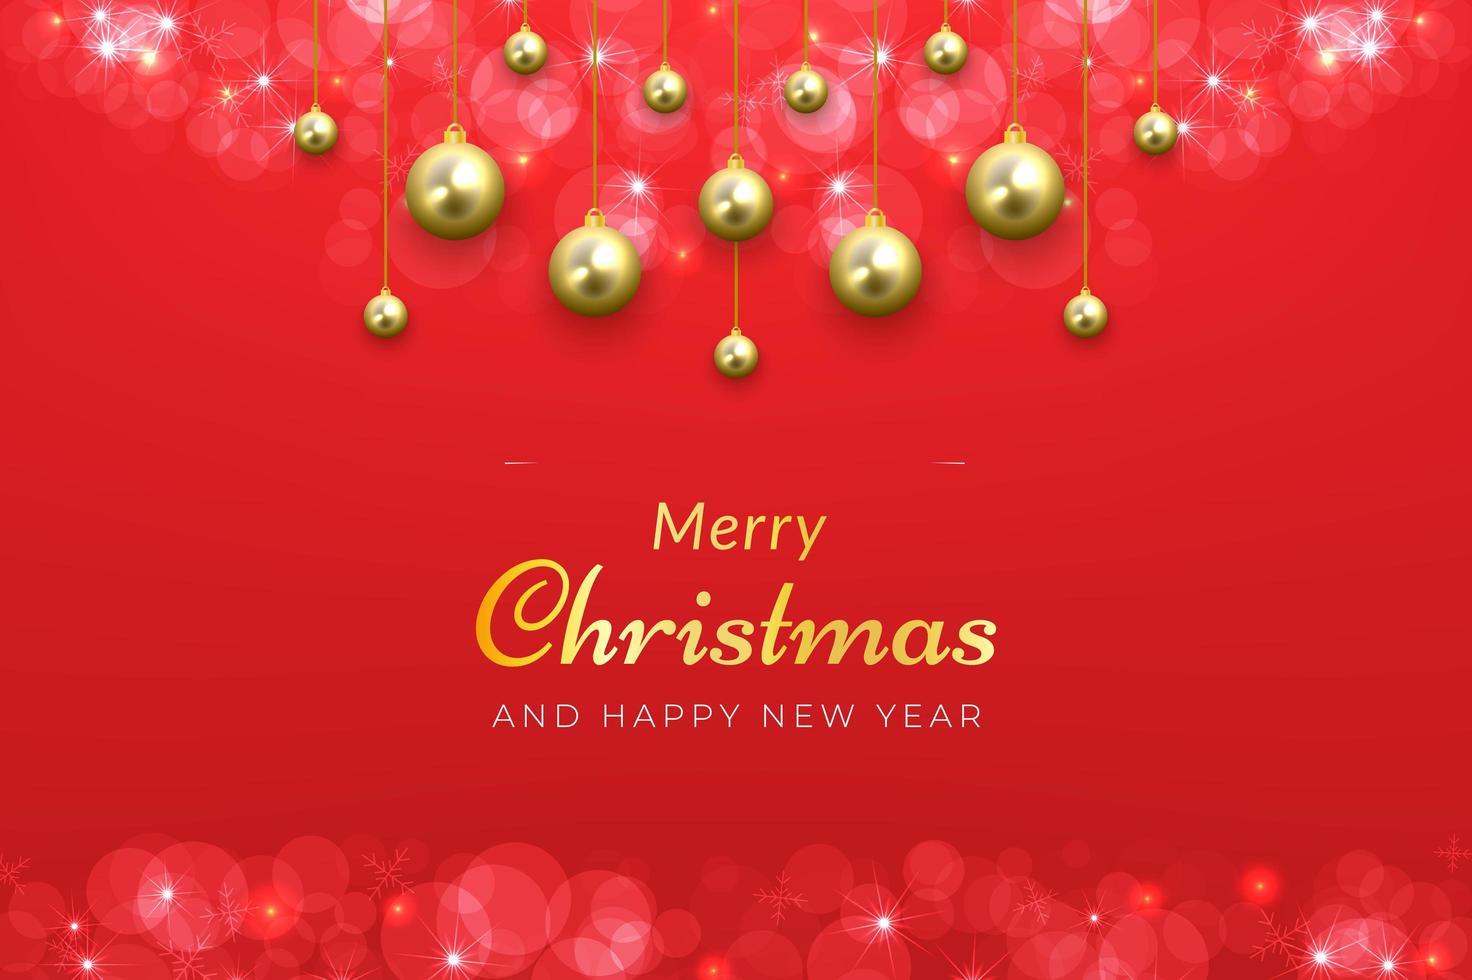 Weihnachtshintergrund in Rot mit goldenen hängenden Ornamenten vektor